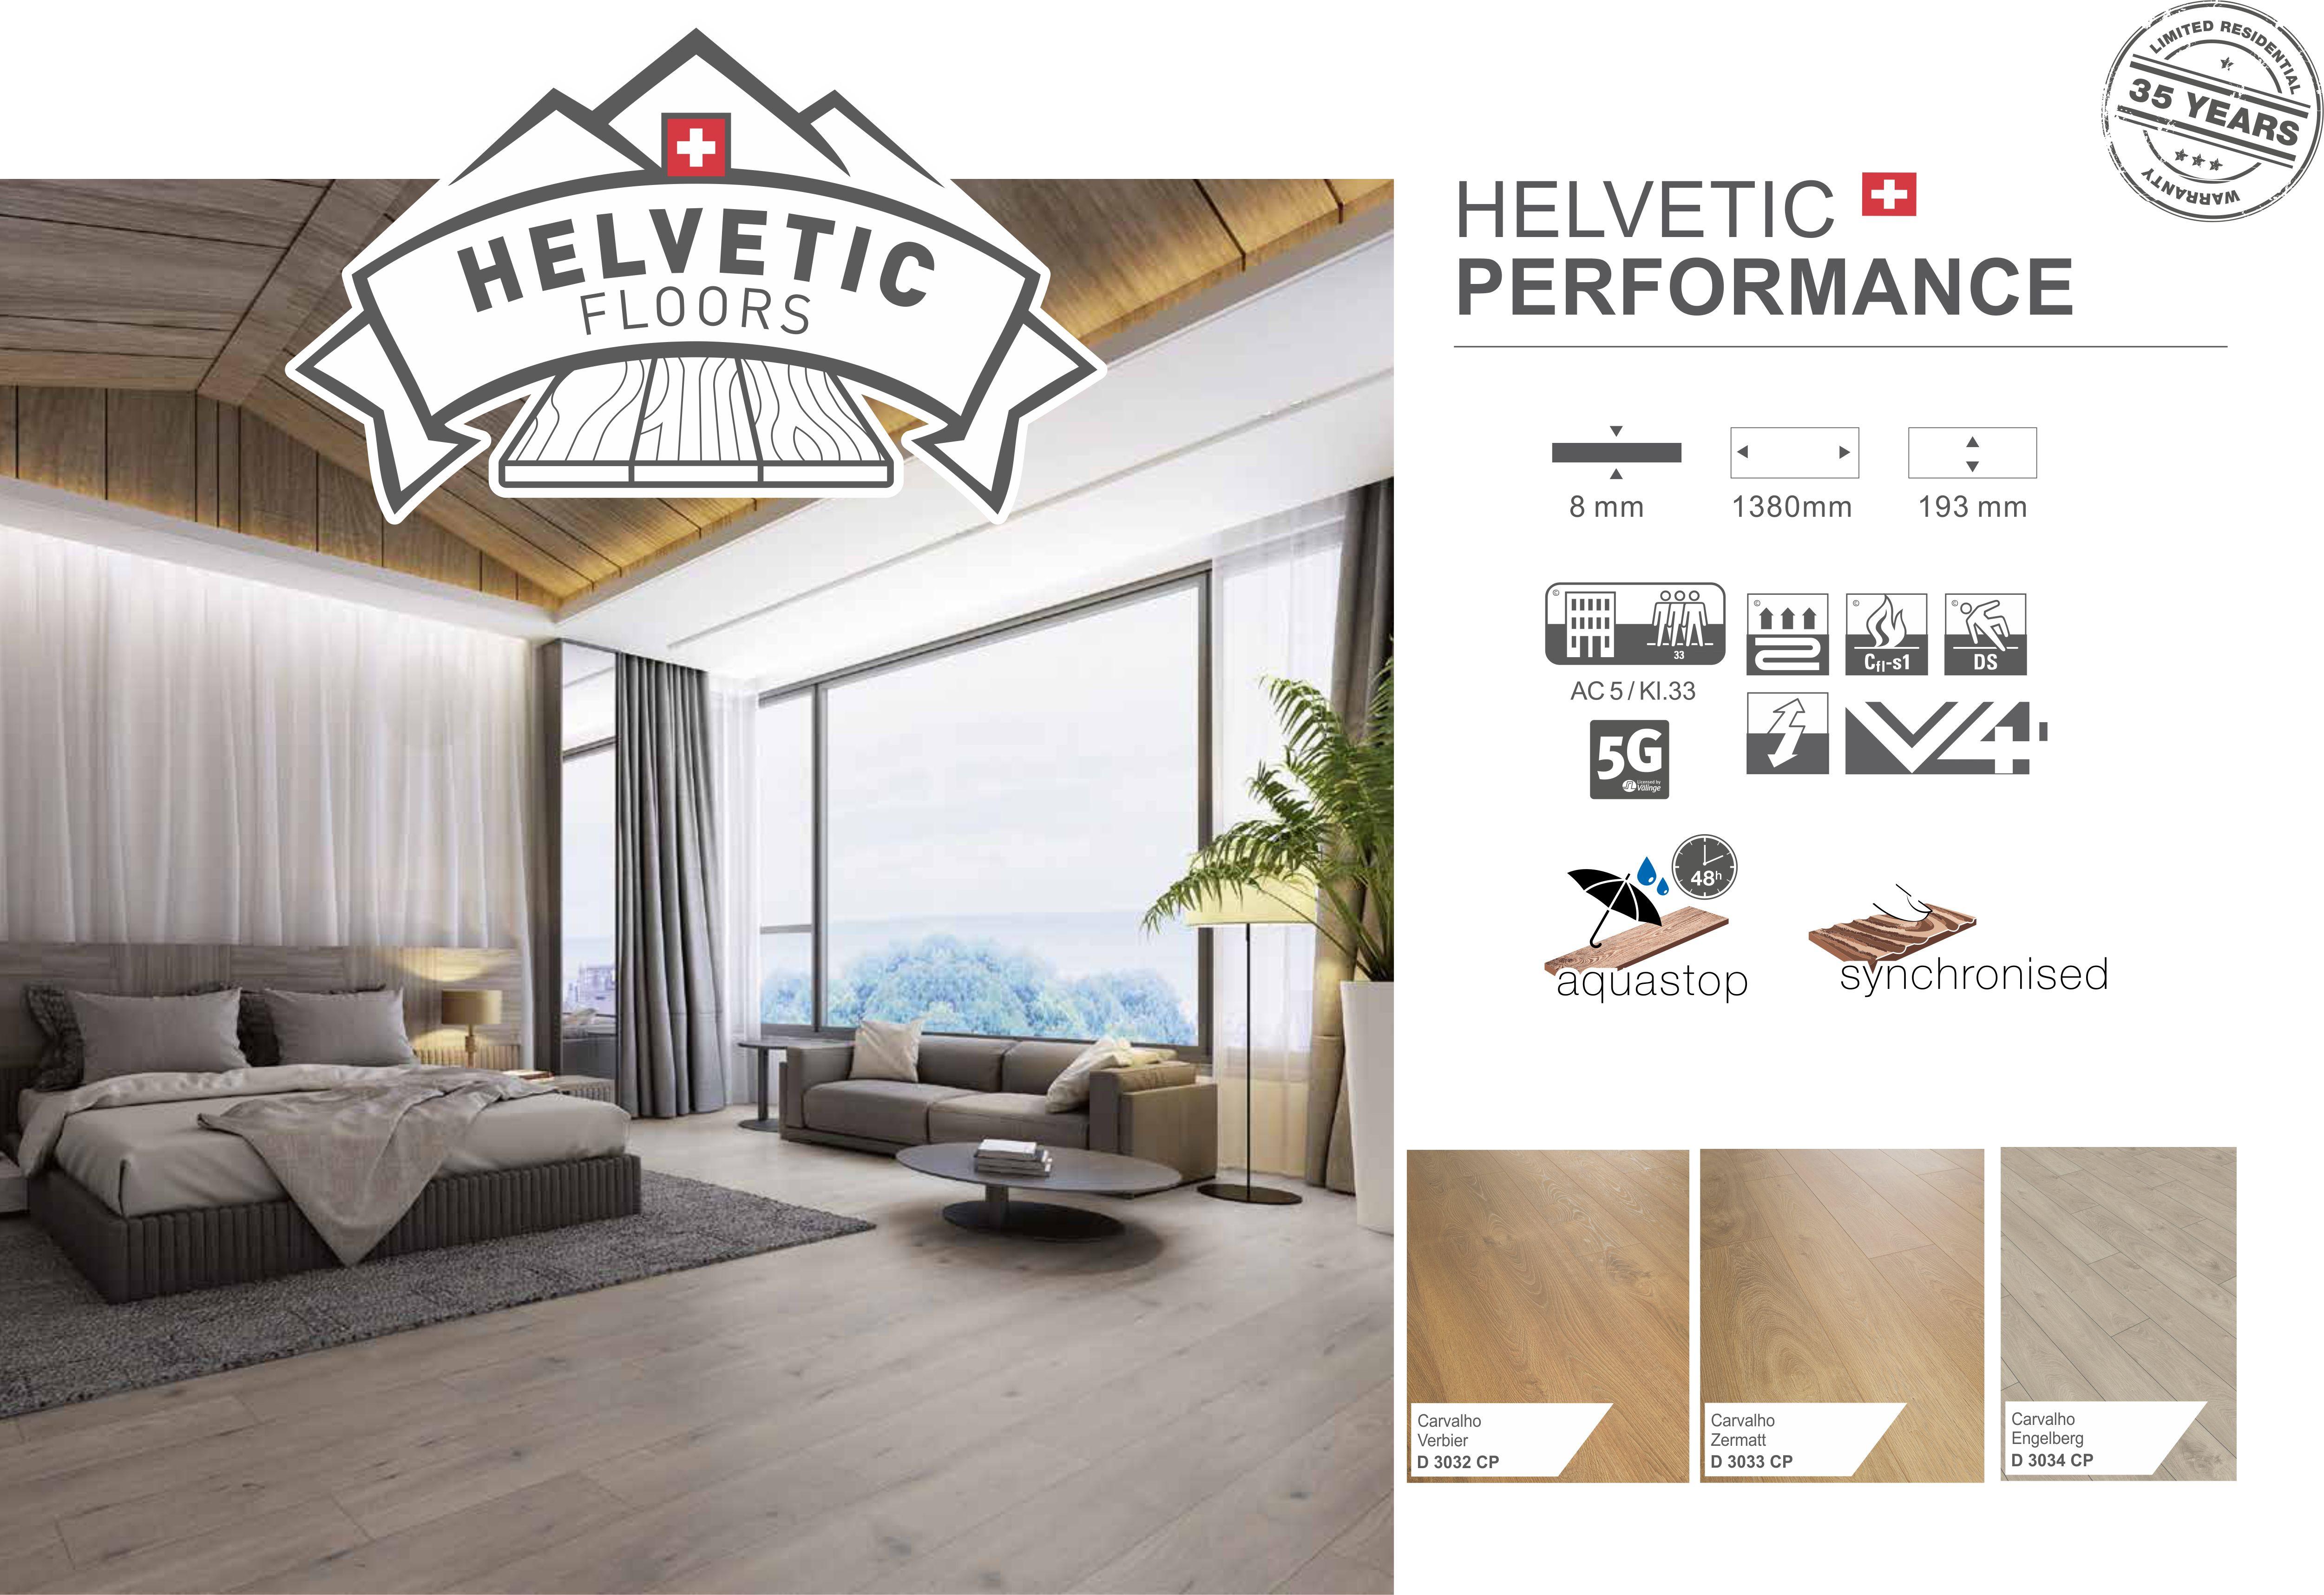 Helvetic Performance Aquastop